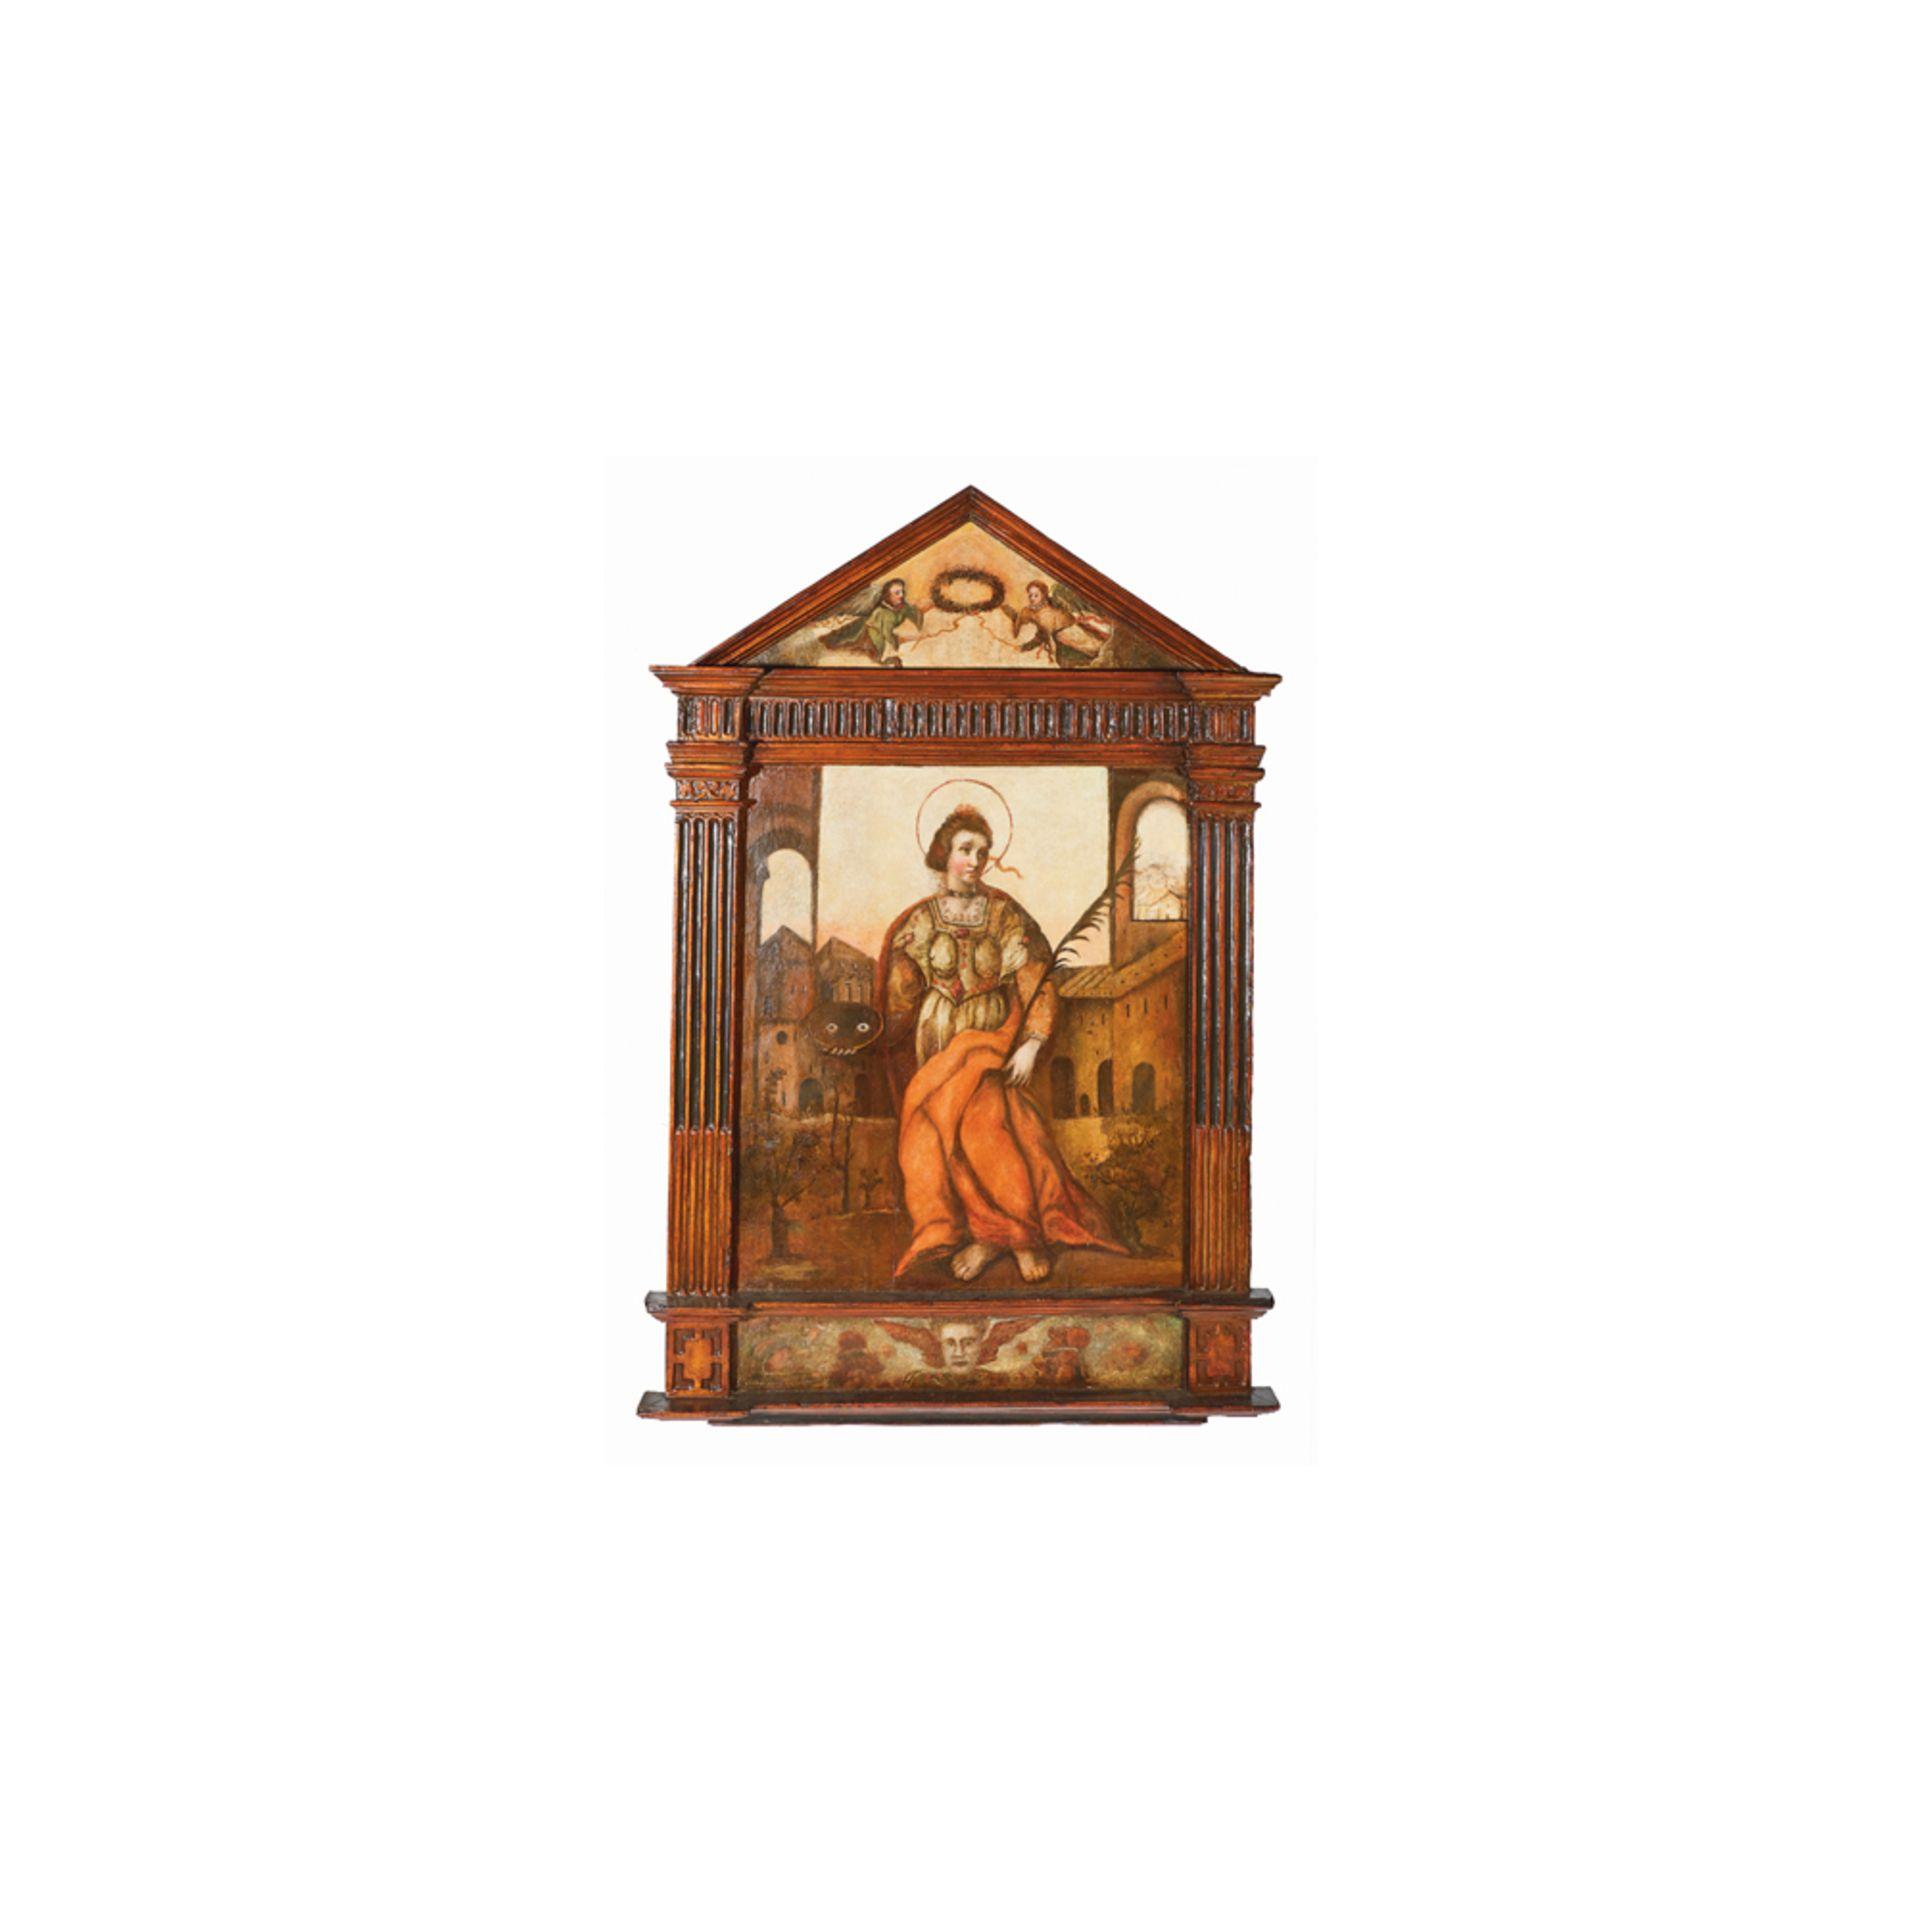 Los 27 - Escuela española, fles. del s.XVI. Santa Lucía. Retablo en madera tallada, policromada y óleo.